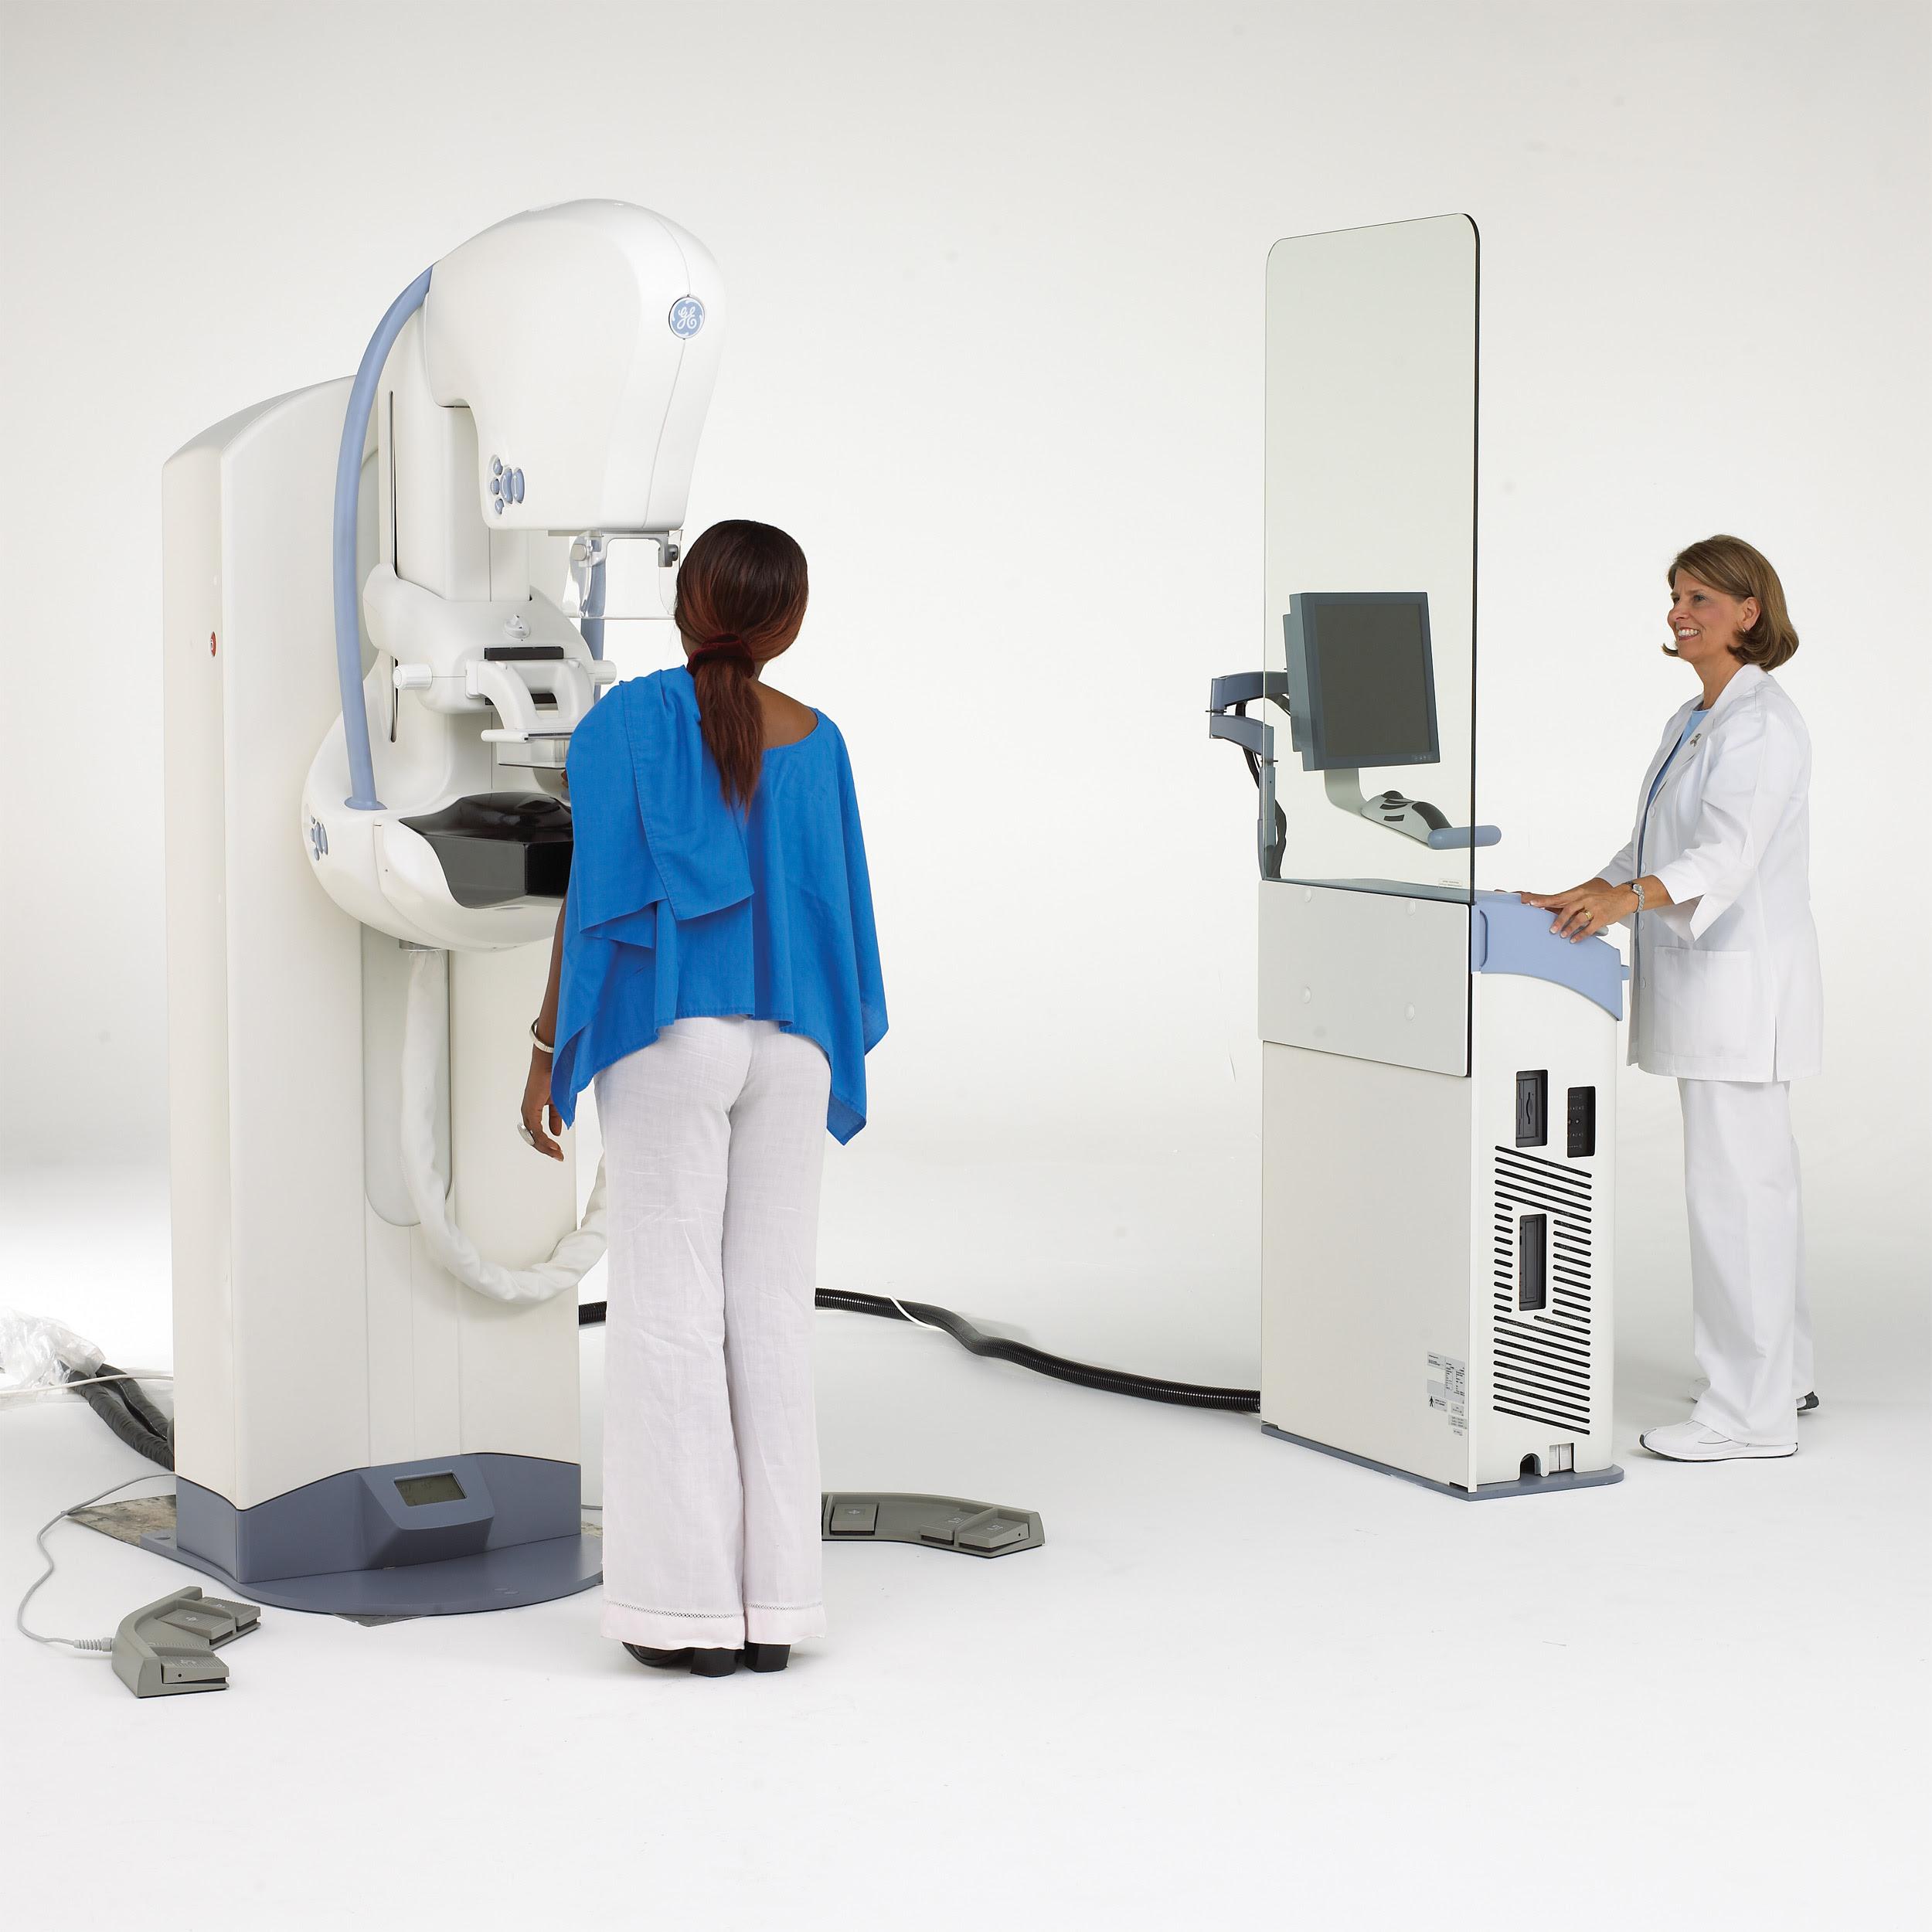 c430d50a 18af 4be9 9e33 03706b19b43f - Ripresa controlli e screening